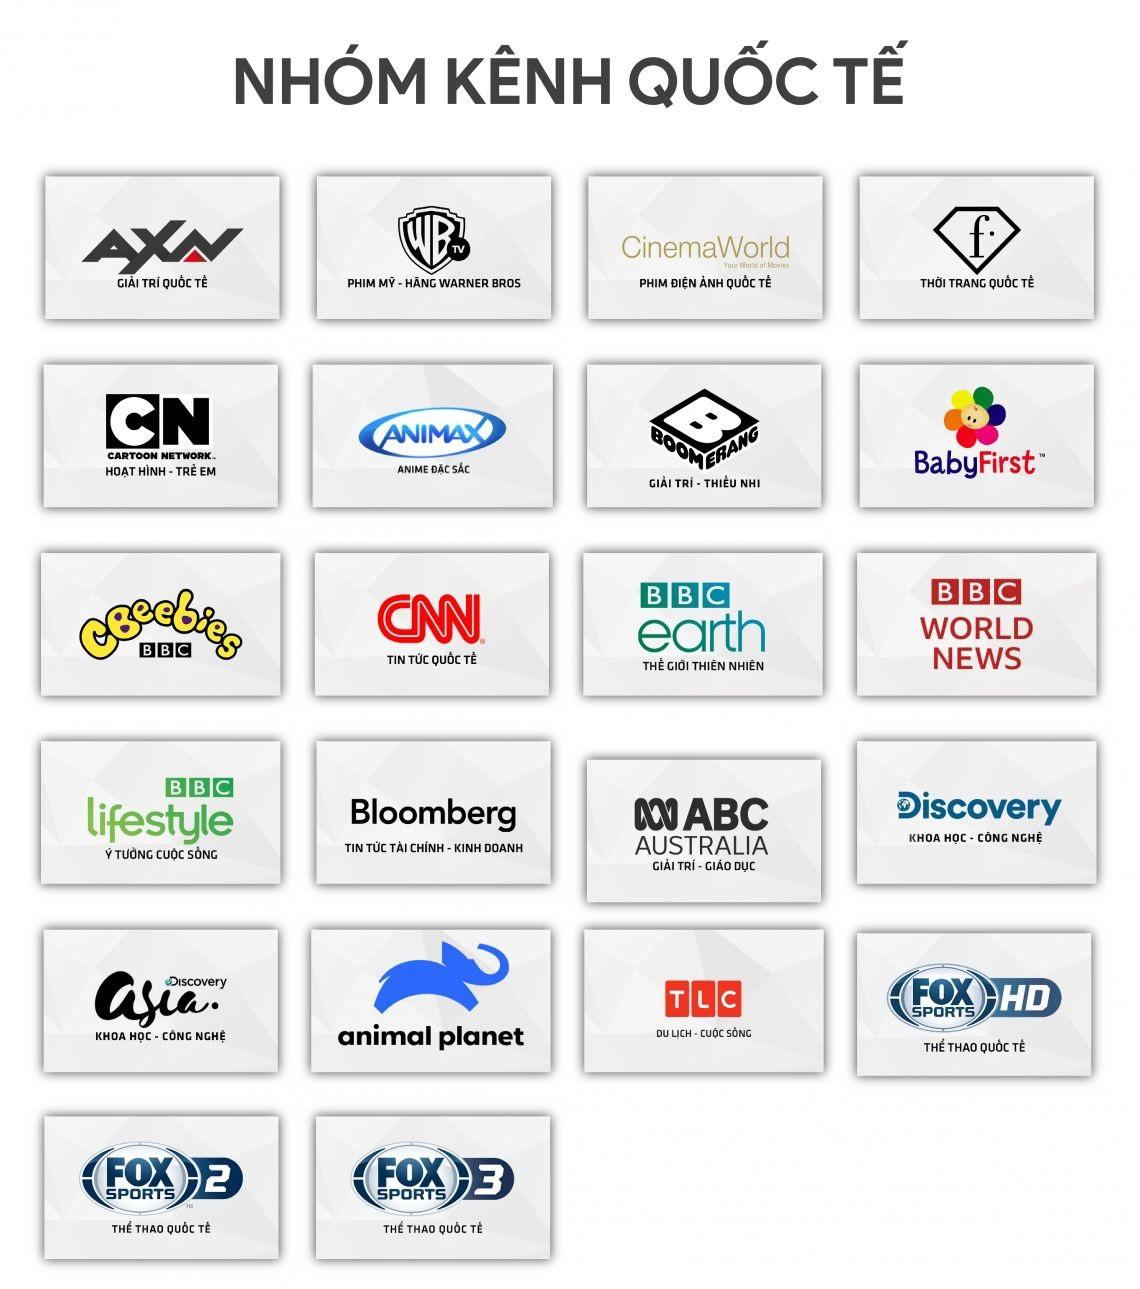 Nhóm kênh quốc tế